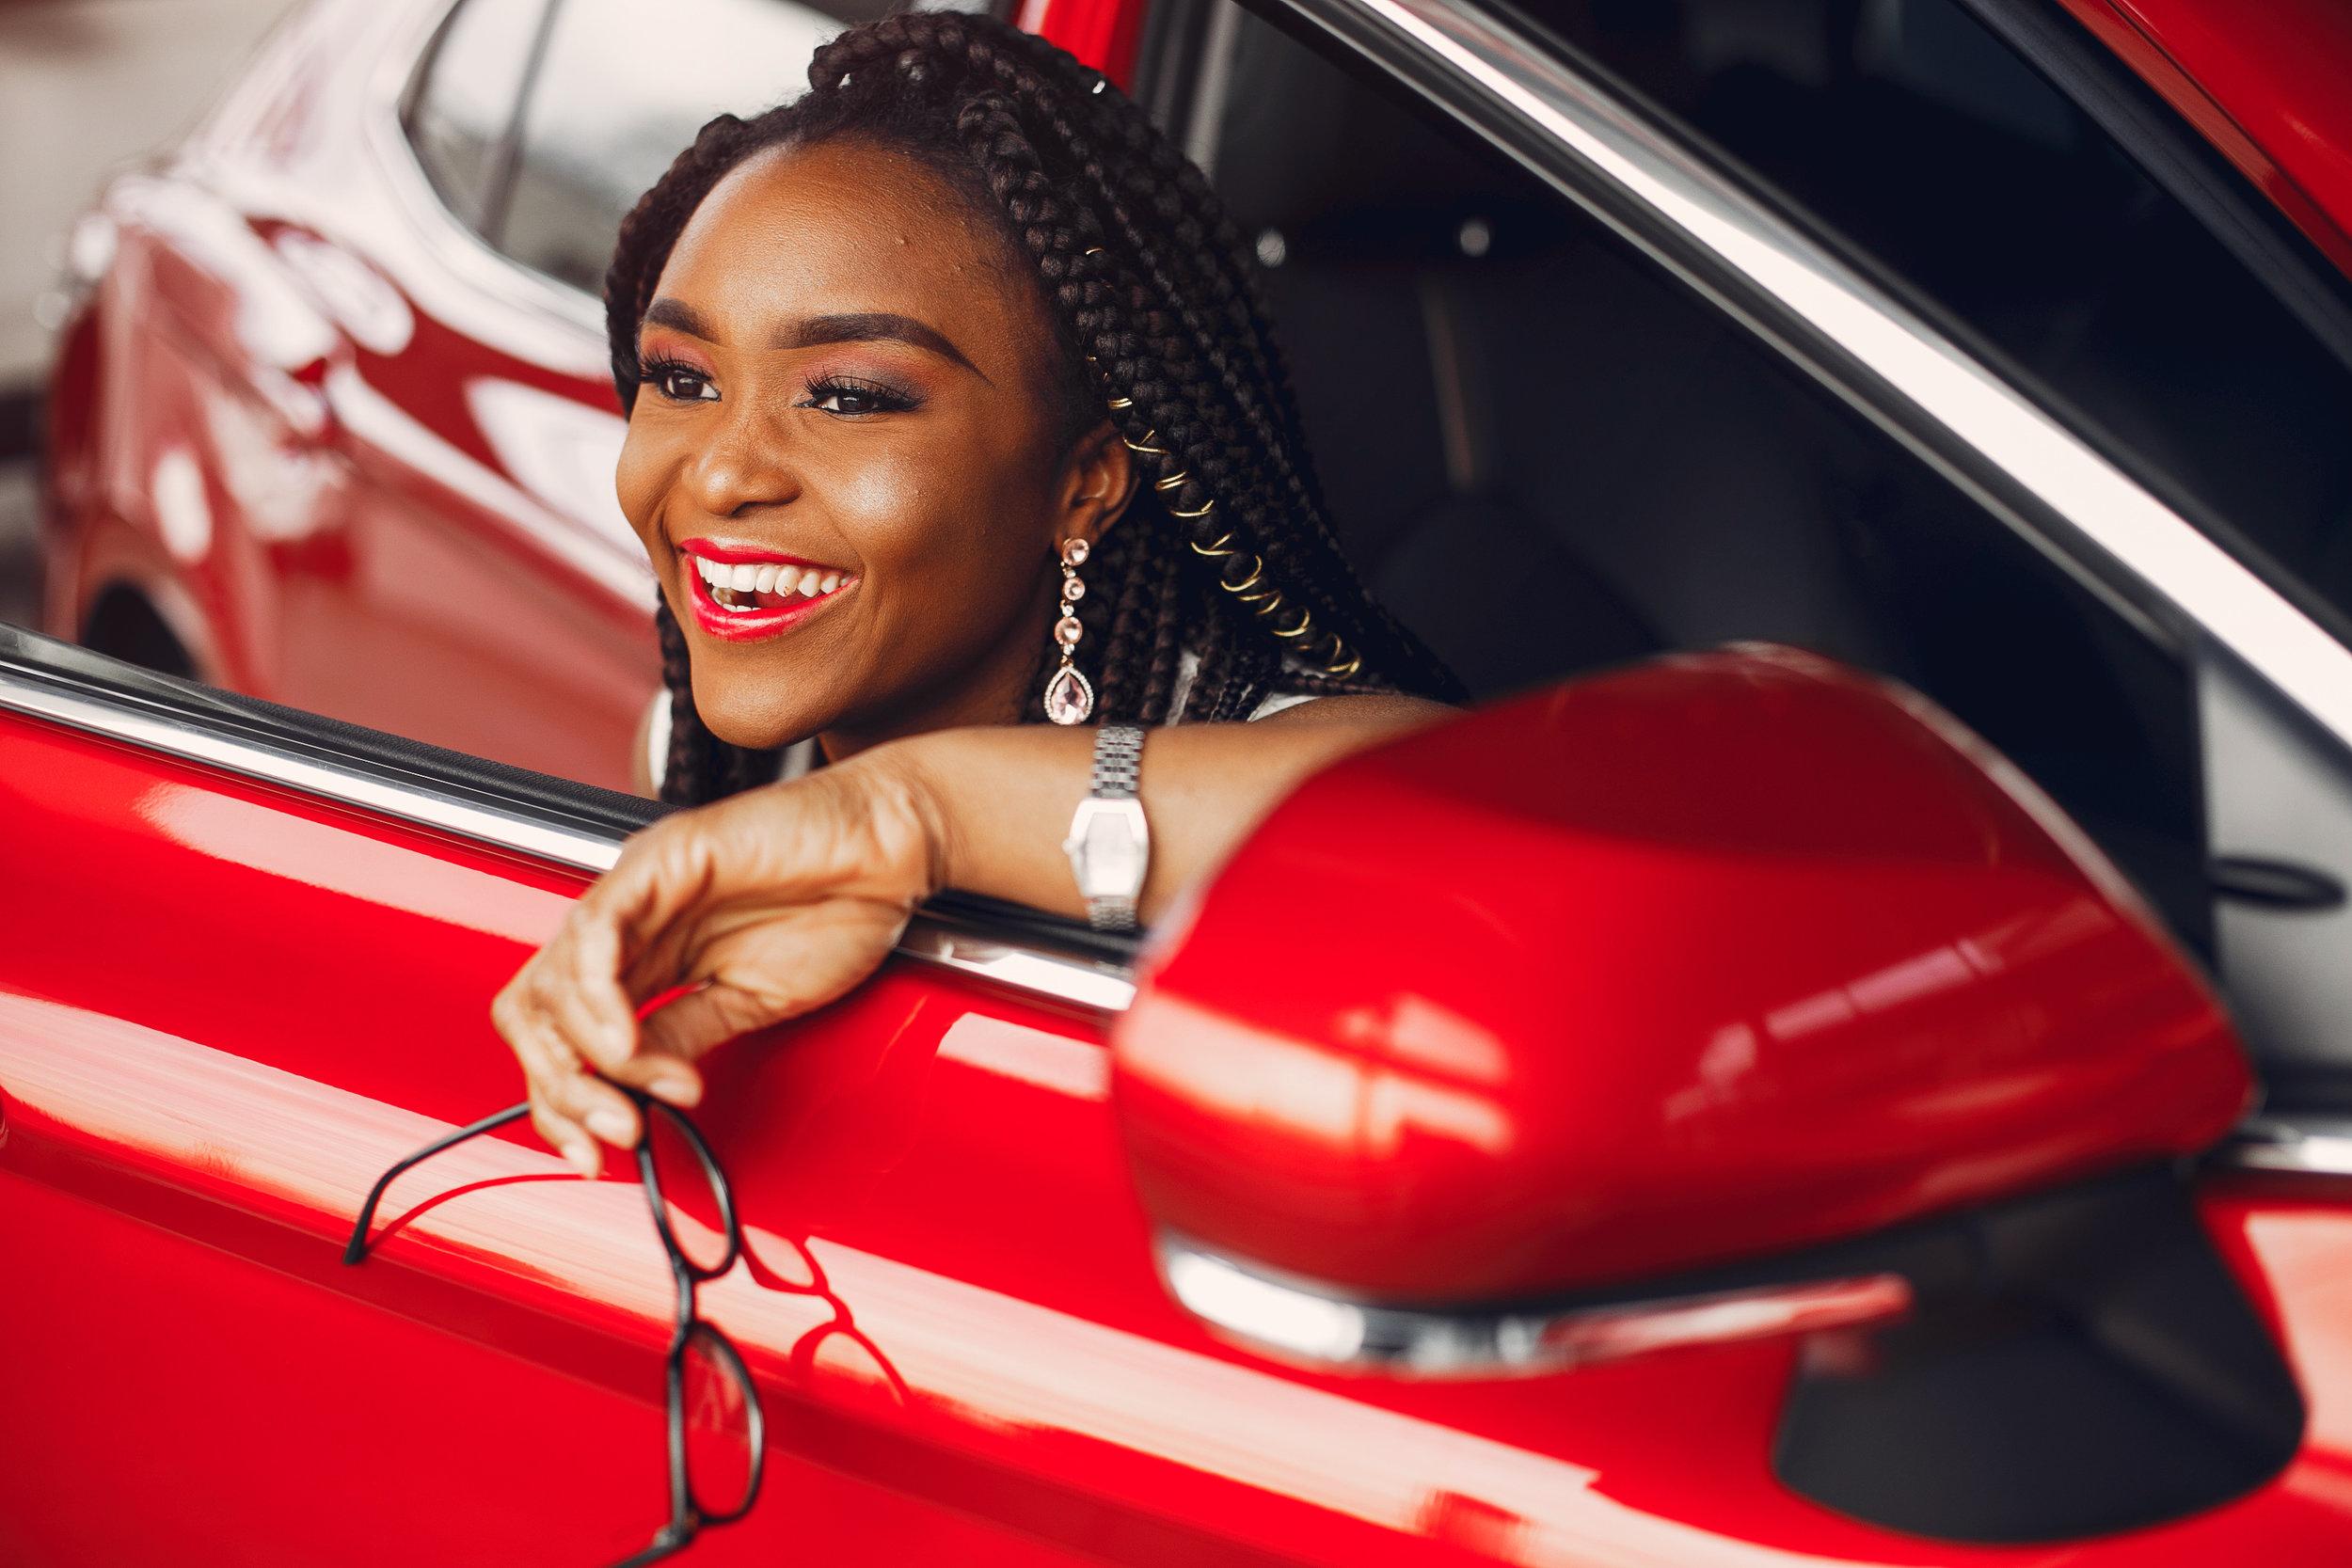 stylish-black-woman-in-a-car-salon-KFHM2B8.jpg